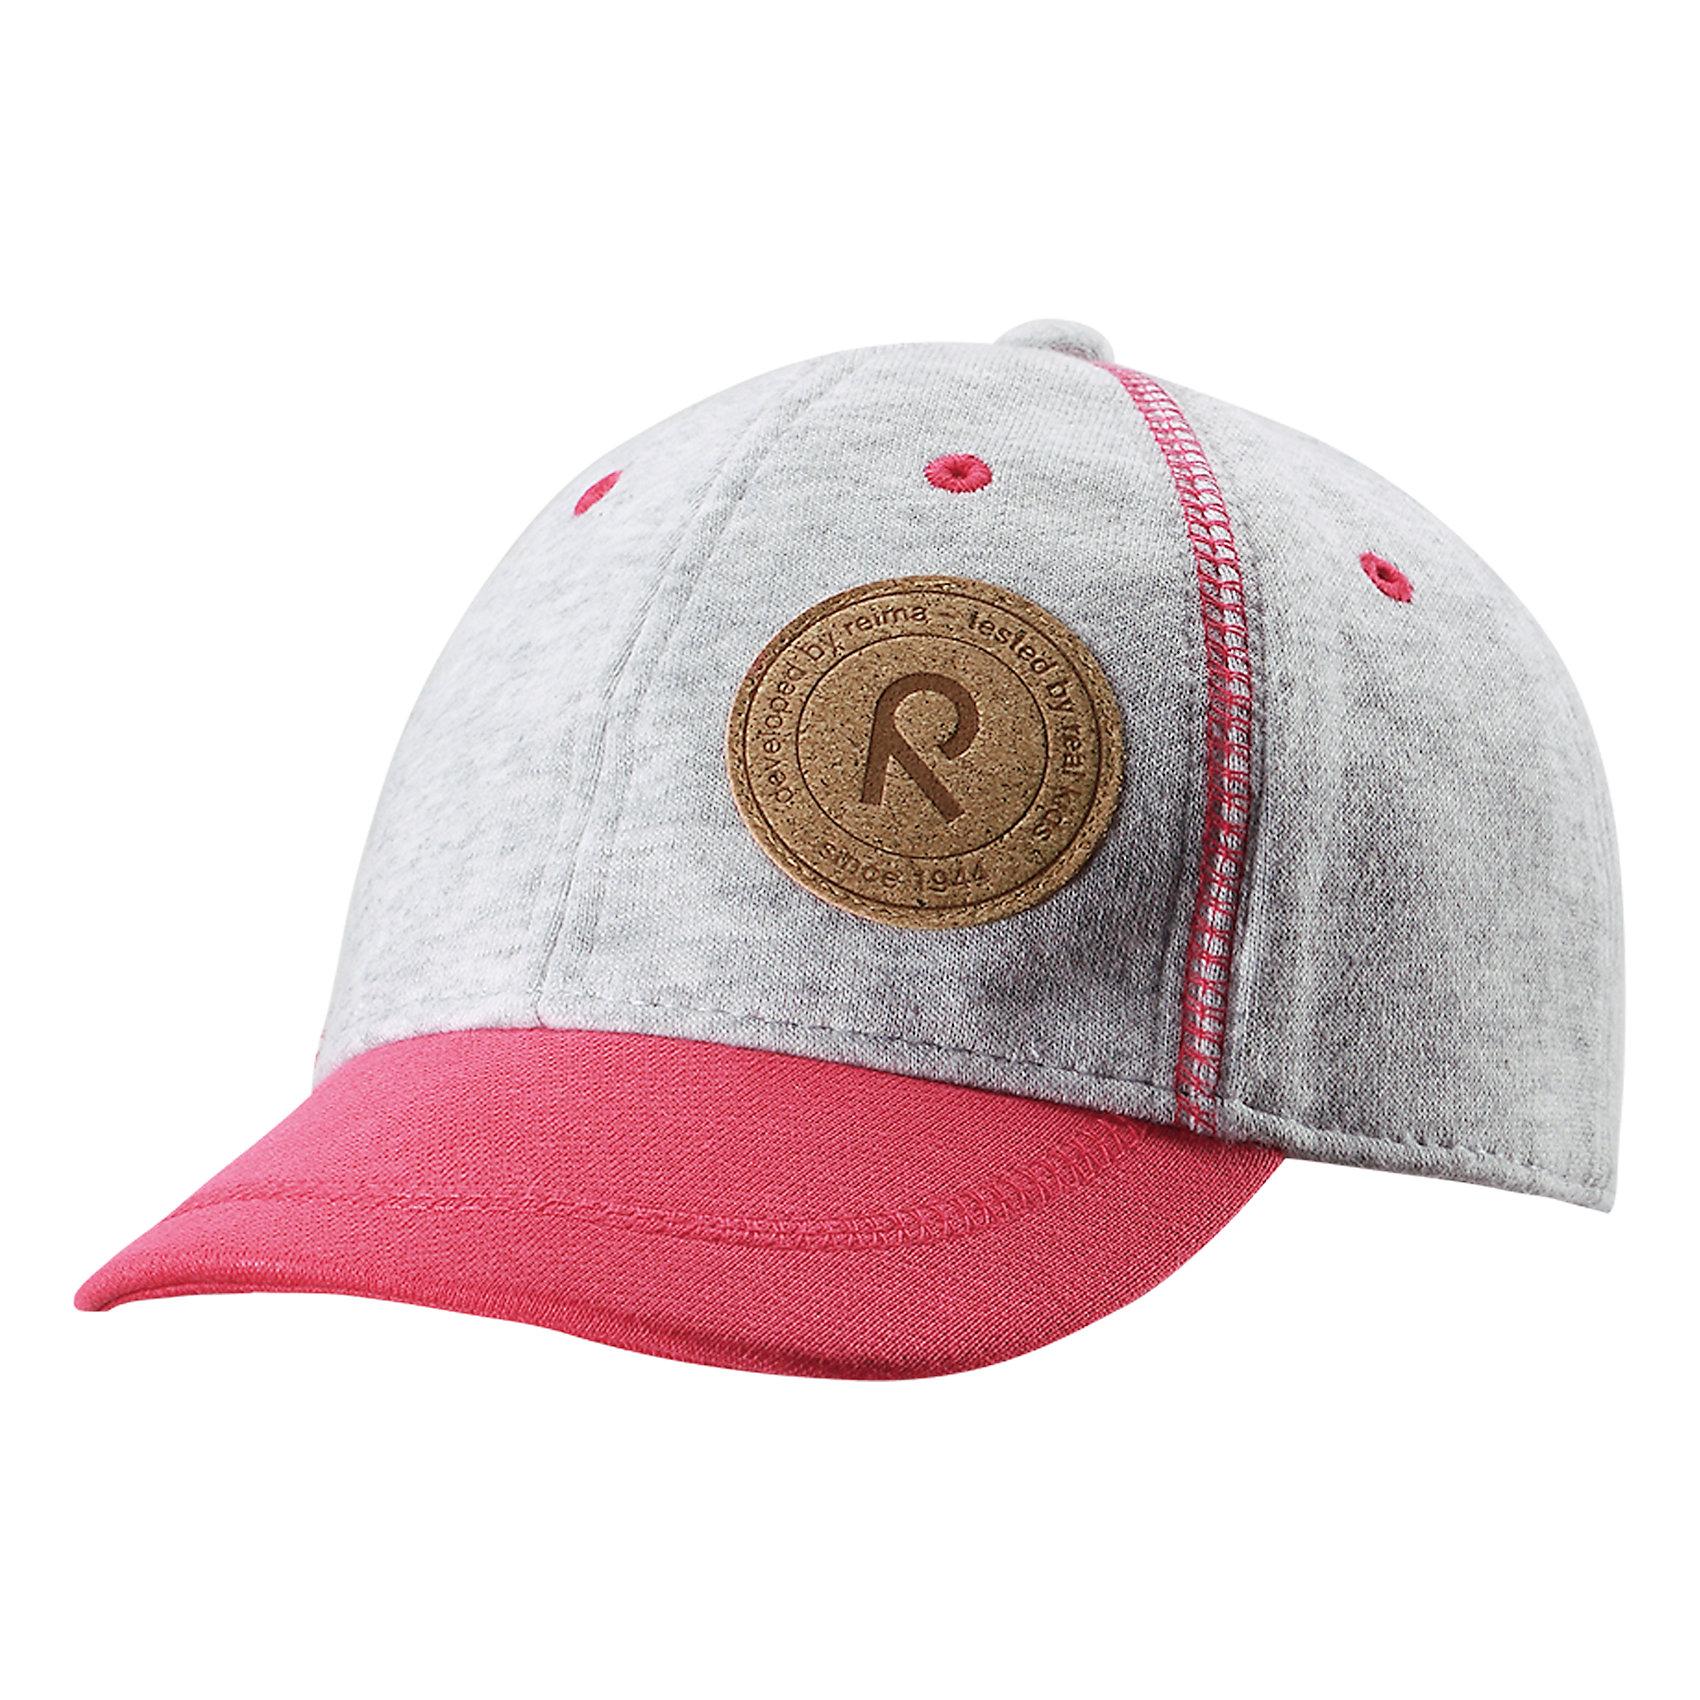 Кепка Purje для девочки ReimaХарактеристики товара:<br><br>• цвет: розовый/серый<br>• температурный режим: от +5°до +15°С<br>• состав: 55% полиэстер, 45% хлопок<br>• защитный козырек<br>• без подкладки<br>• эластичный материал<br>• декоративный логотип<br>• футер с внутренней стороны<br>• комфортная посадка<br>• страна производства: Китай<br>• страна бренда: Финляндия<br>• коллекция: весна-лето 2017<br><br>Детский головной убор может быть модным и удобным одновременно! Стильная кепка поможет обеспечить ребенку комфорт и дополнить наряд. Она отлично смотрится с различной одеждой. Кепка удобно сидит и аккуратно выглядит. Проста в уходе, долго служит. Стильный дизайн разрабатывался специально для детей. <br><br>Одежда и обувь от финского бренда Reima пользуется популярностью во многих странах. Эти изделия стильные, качественные и удобные. Для производства продукции используются только безопасные, проверенные материалы и фурнитура. Порадуйте ребенка модными и красивыми вещами от Reima! <br><br>Кепку для мальчика от финского бренда Reima (Рейма) можно купить в нашем интернет-магазине.<br><br>Ширина мм: 89<br>Глубина мм: 117<br>Высота мм: 44<br>Вес г: 155<br>Цвет: розовый<br>Возраст от месяцев: 48<br>Возраст до месяцев: 84<br>Пол: Женский<br>Возраст: Детский<br>Размер: 54,50<br>SKU: 5267892